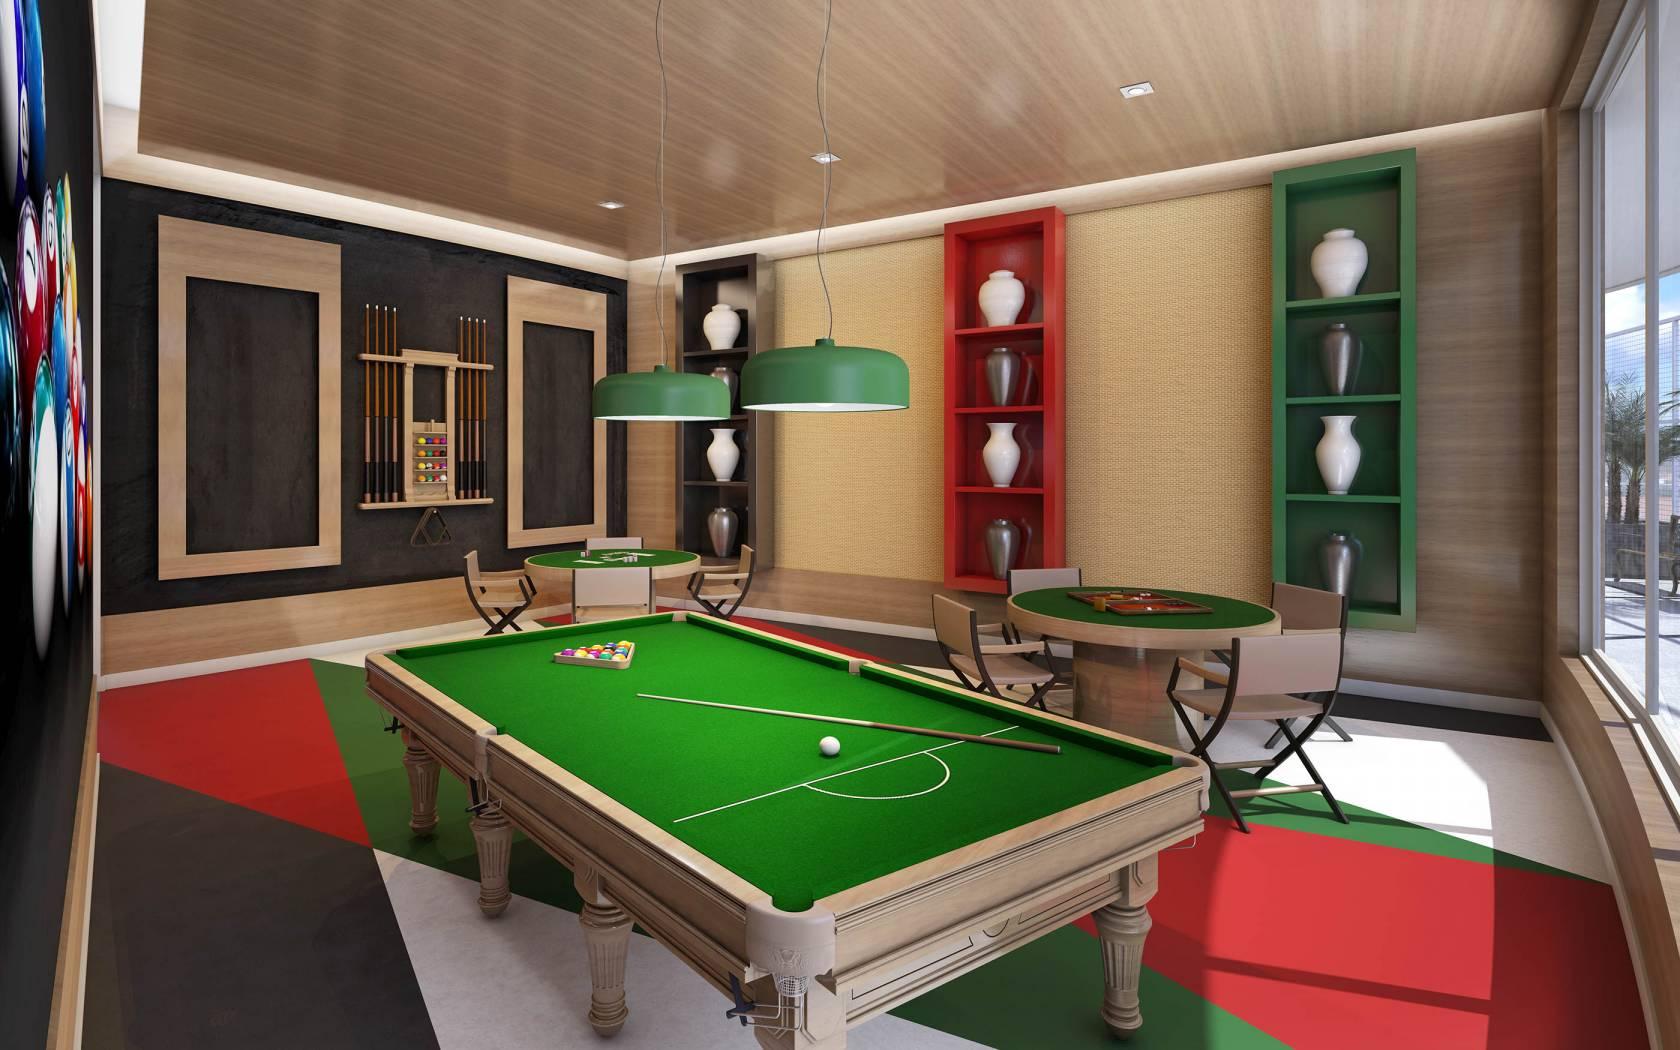 Pruzak Com Sala De Jogos E Tv No Mesmo Ambiente Id Ias  -> Sala De Tv E Jogos